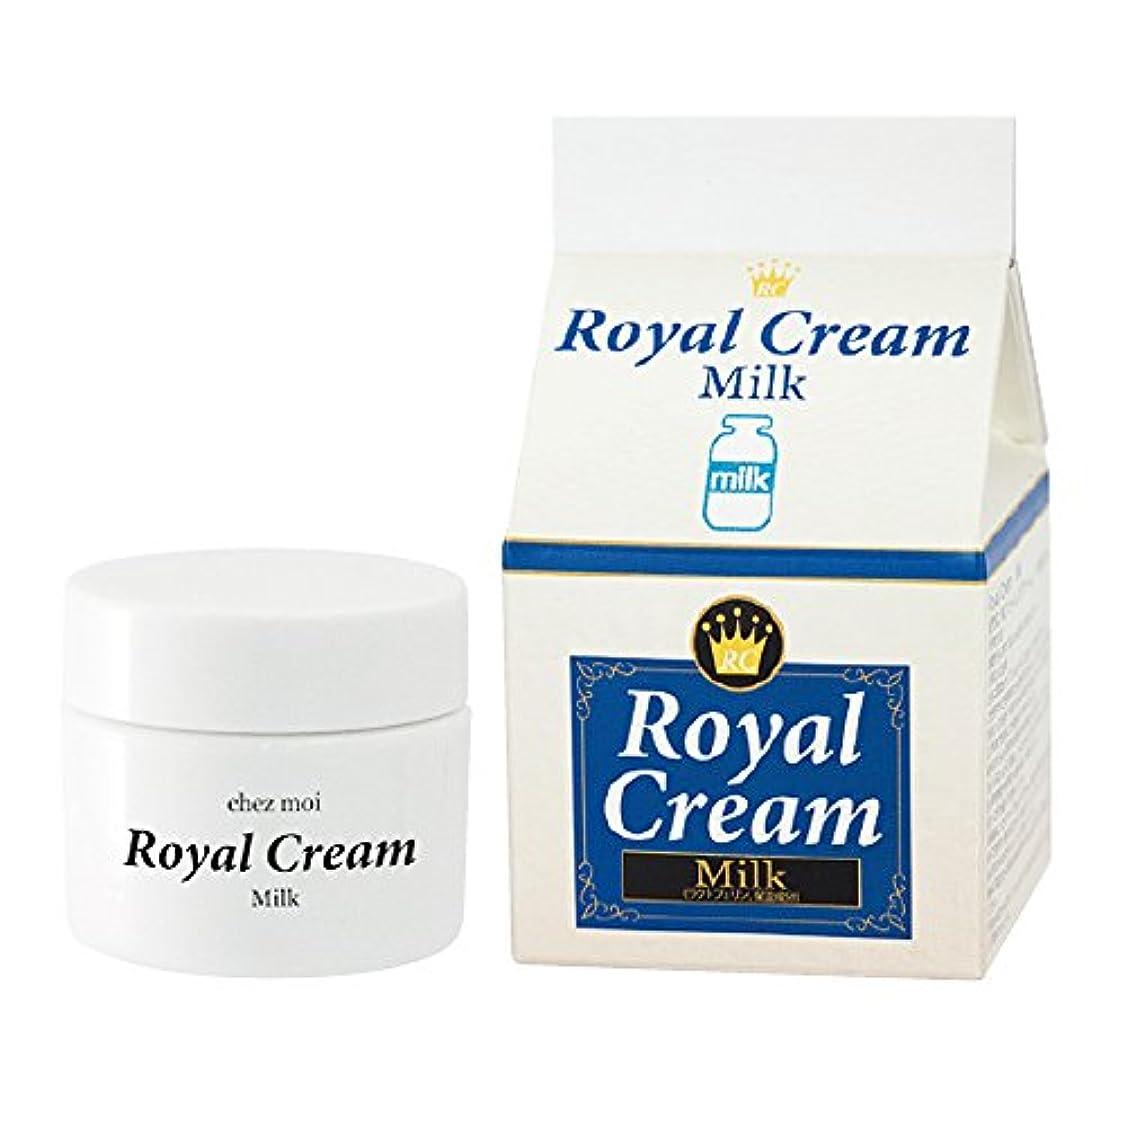 人形限定プレビューシェモア Royal Cream(ロイヤルクリーム) Milk(ミルク) 30g